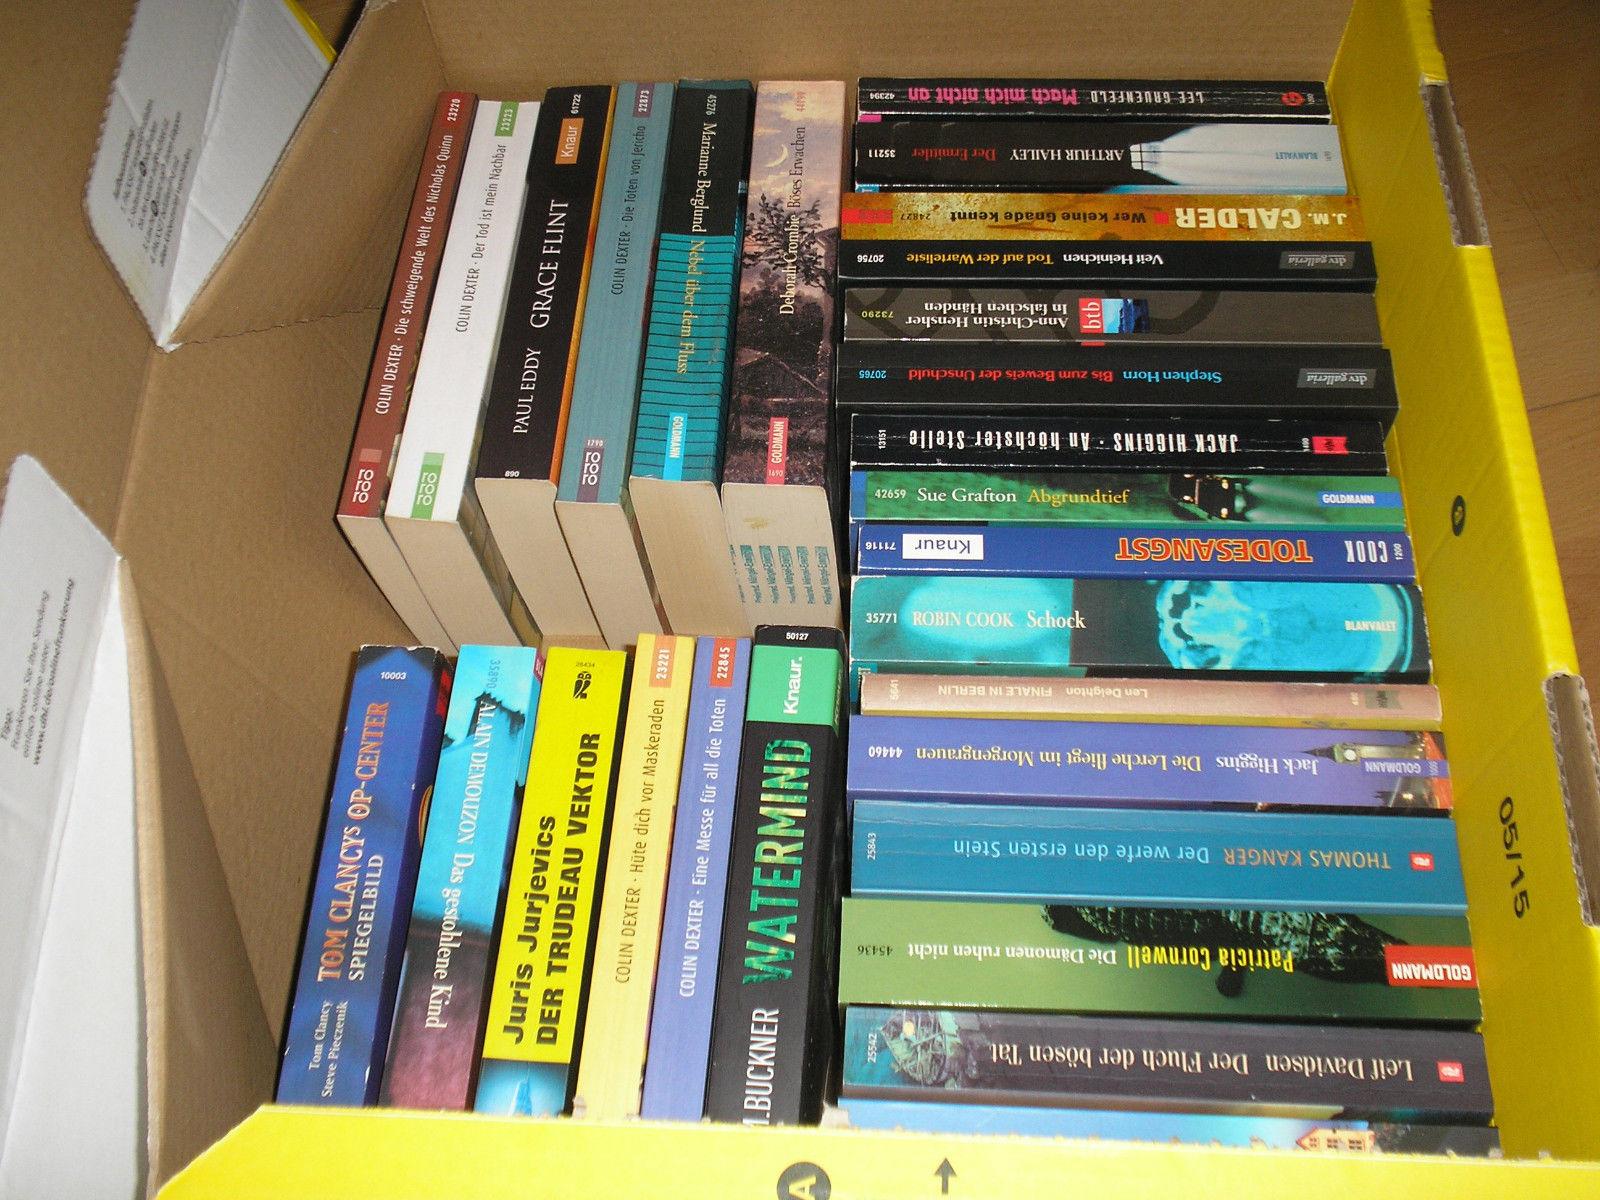 40 x Krimis , alles Taschenbücher, mal anschauen?????